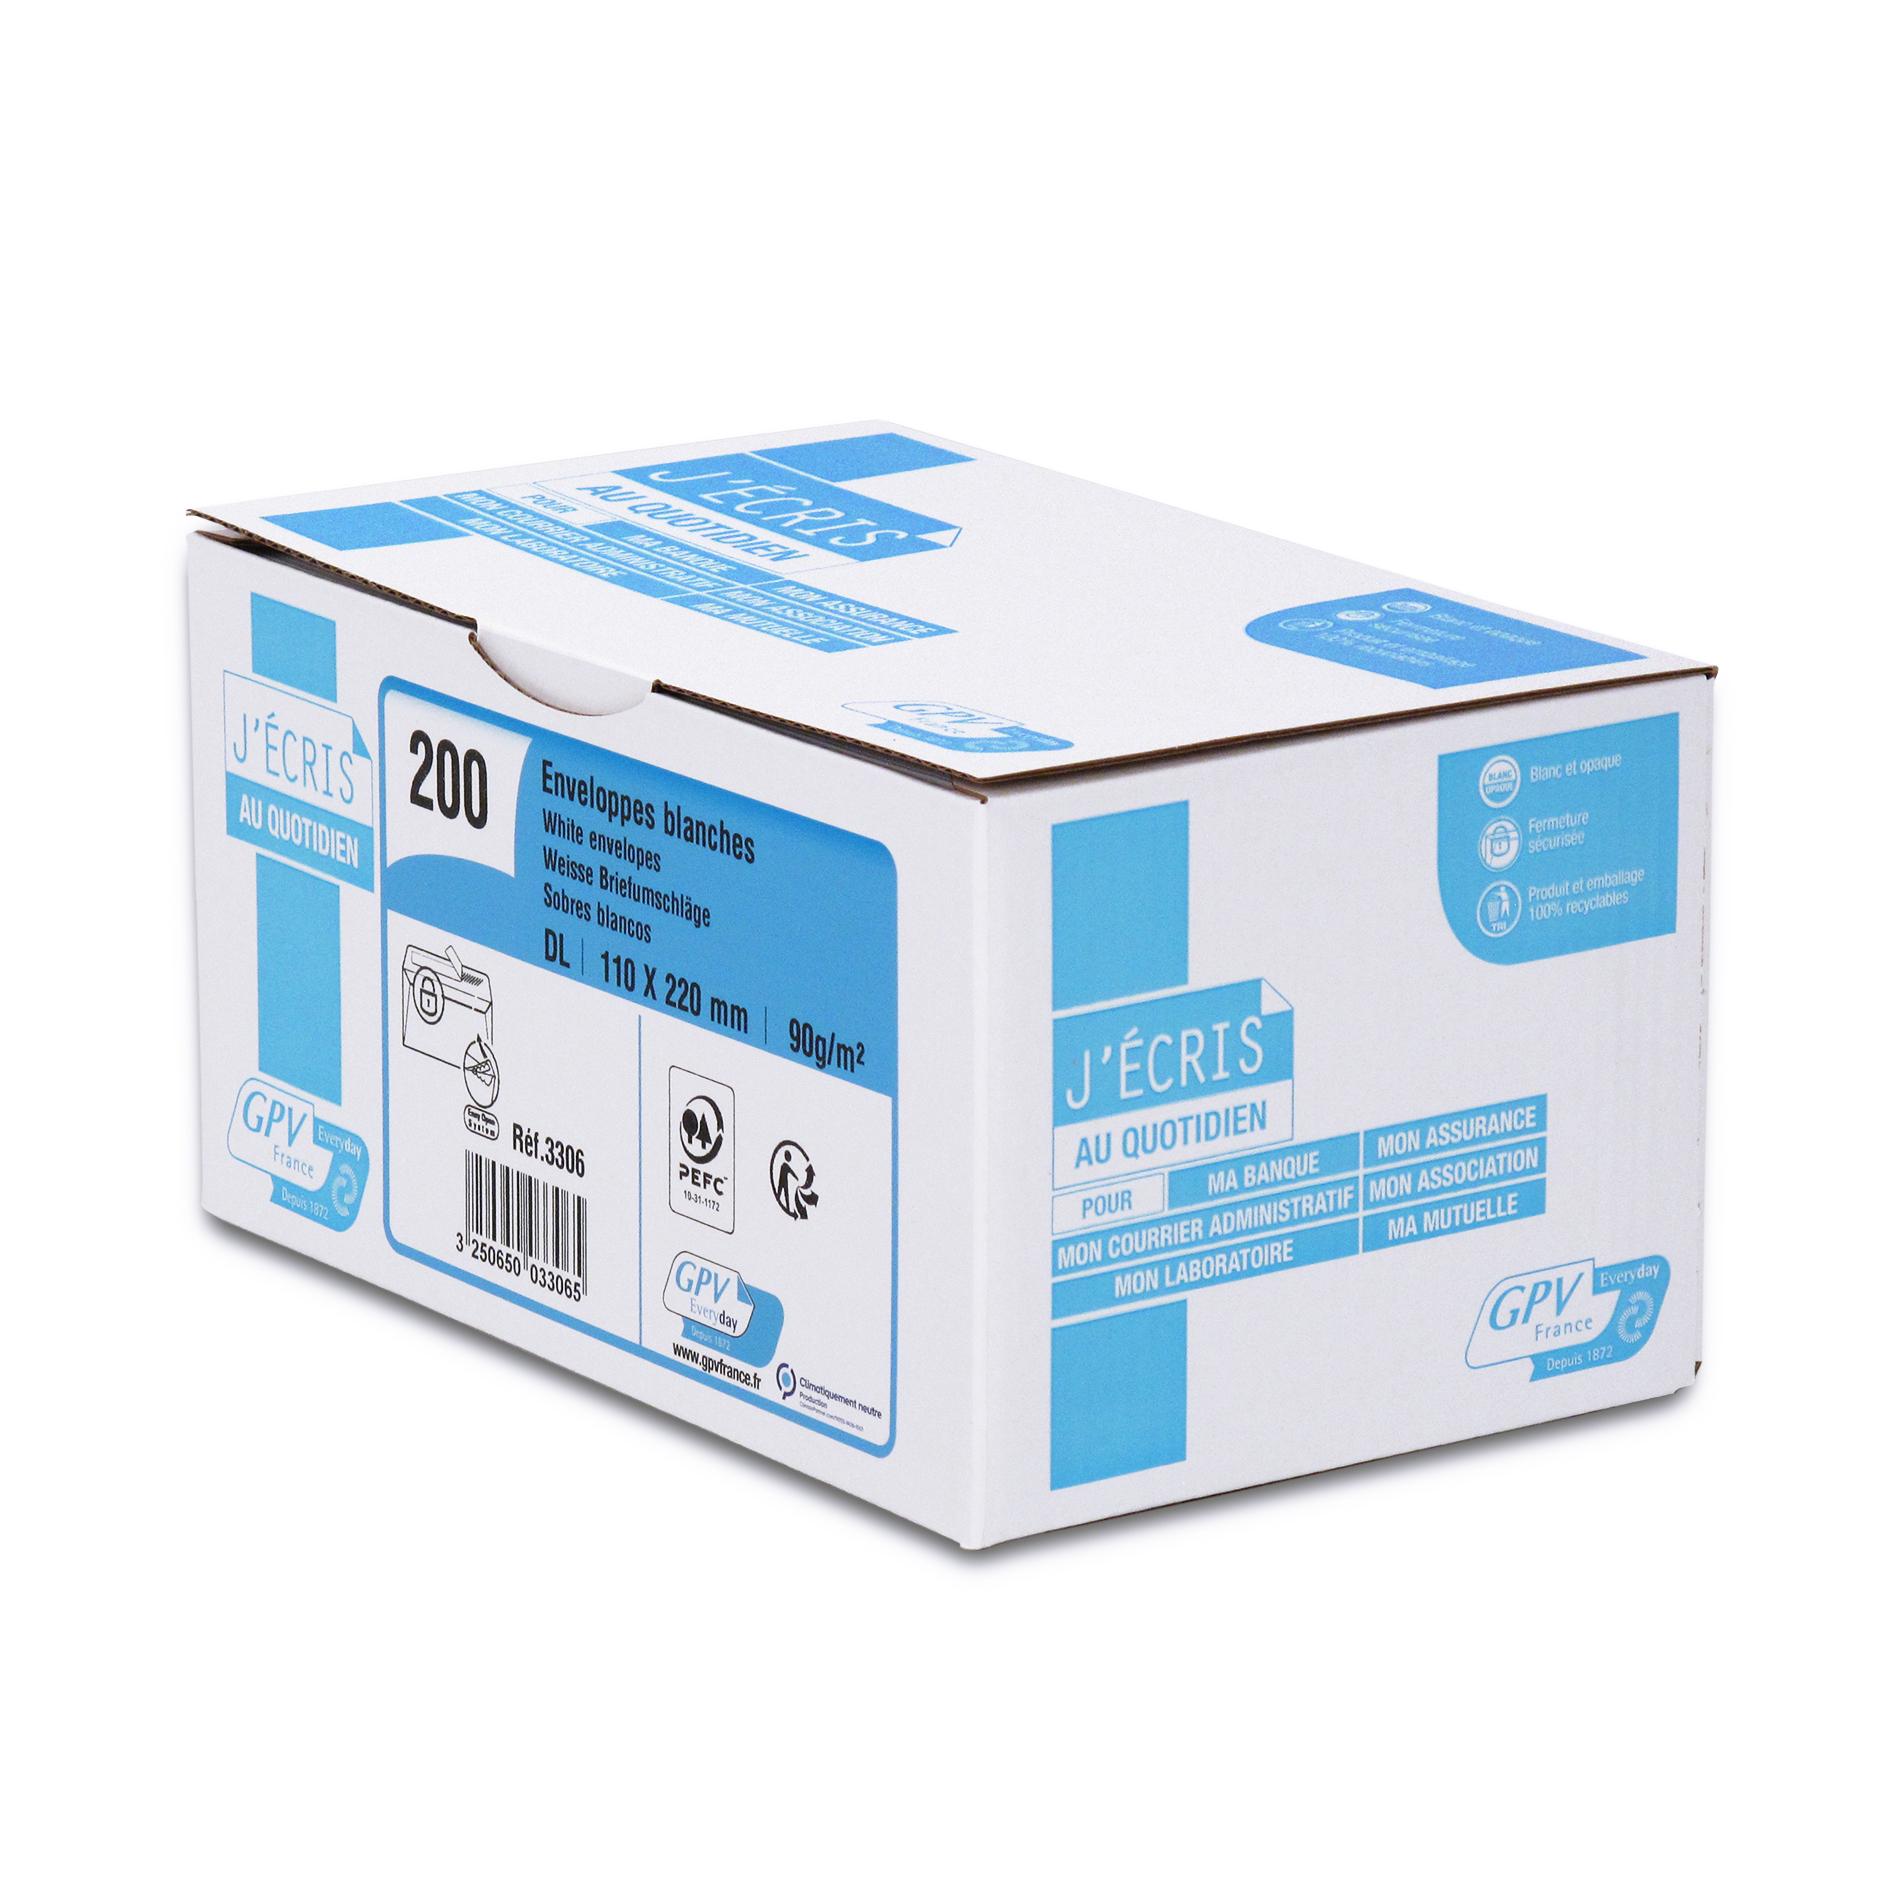 GPV - 200 Pochettes Enveloppes DL 110 x 220 mm - 90 gr - sans fenêtre - blanc - bande adhésive ouverture rapide